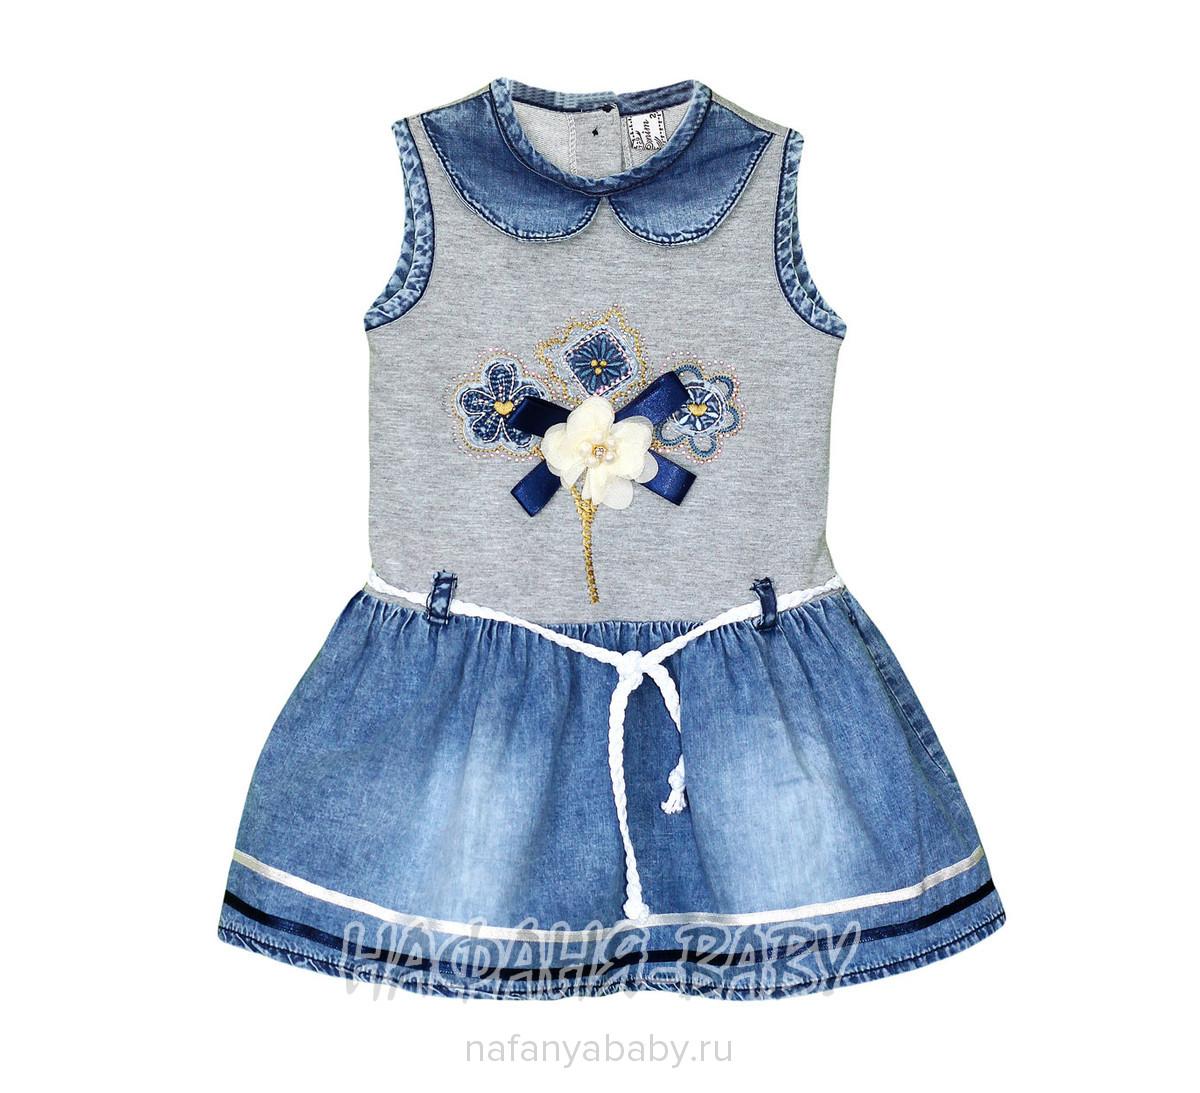 Детское джинсовое платье SEALY арт: 11157, 5-9 лет, 1-4 года, цвет синий, оптом Турция